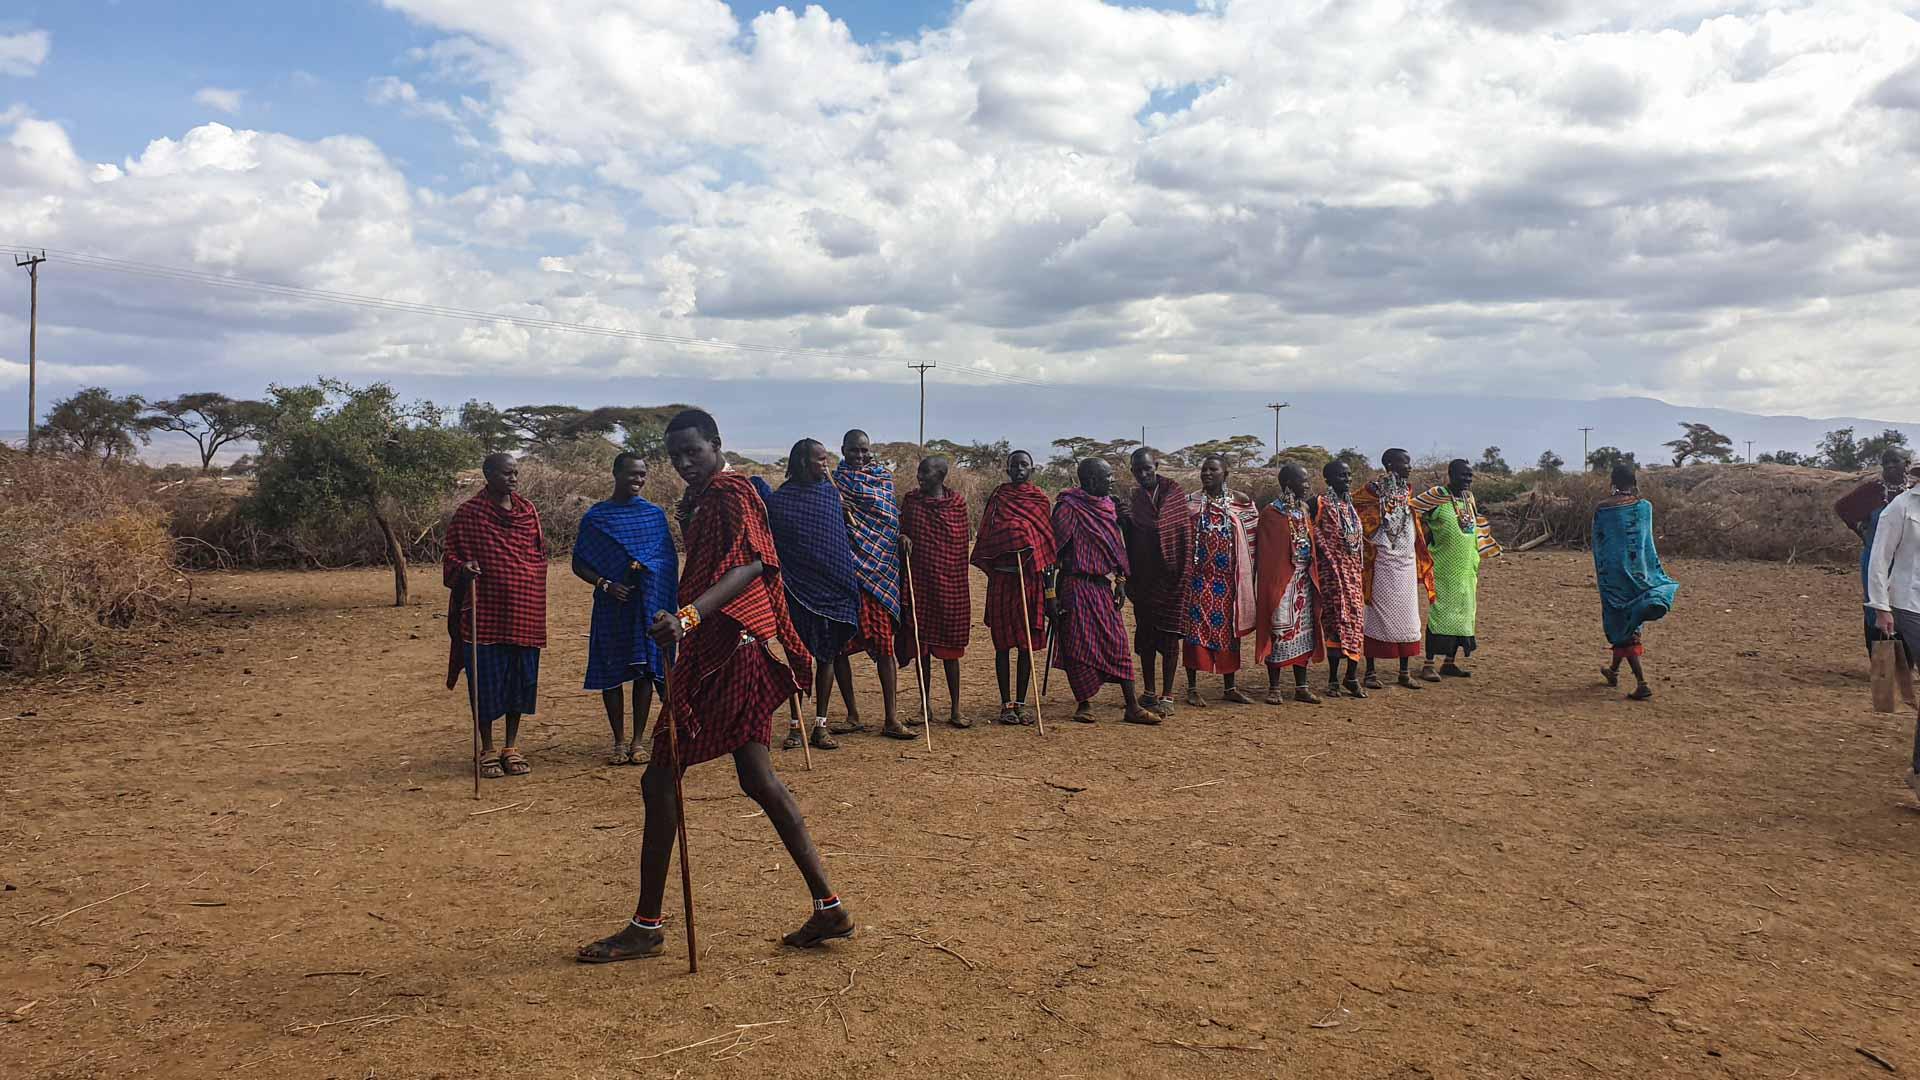 Visita a una tribu Masai en Kenia